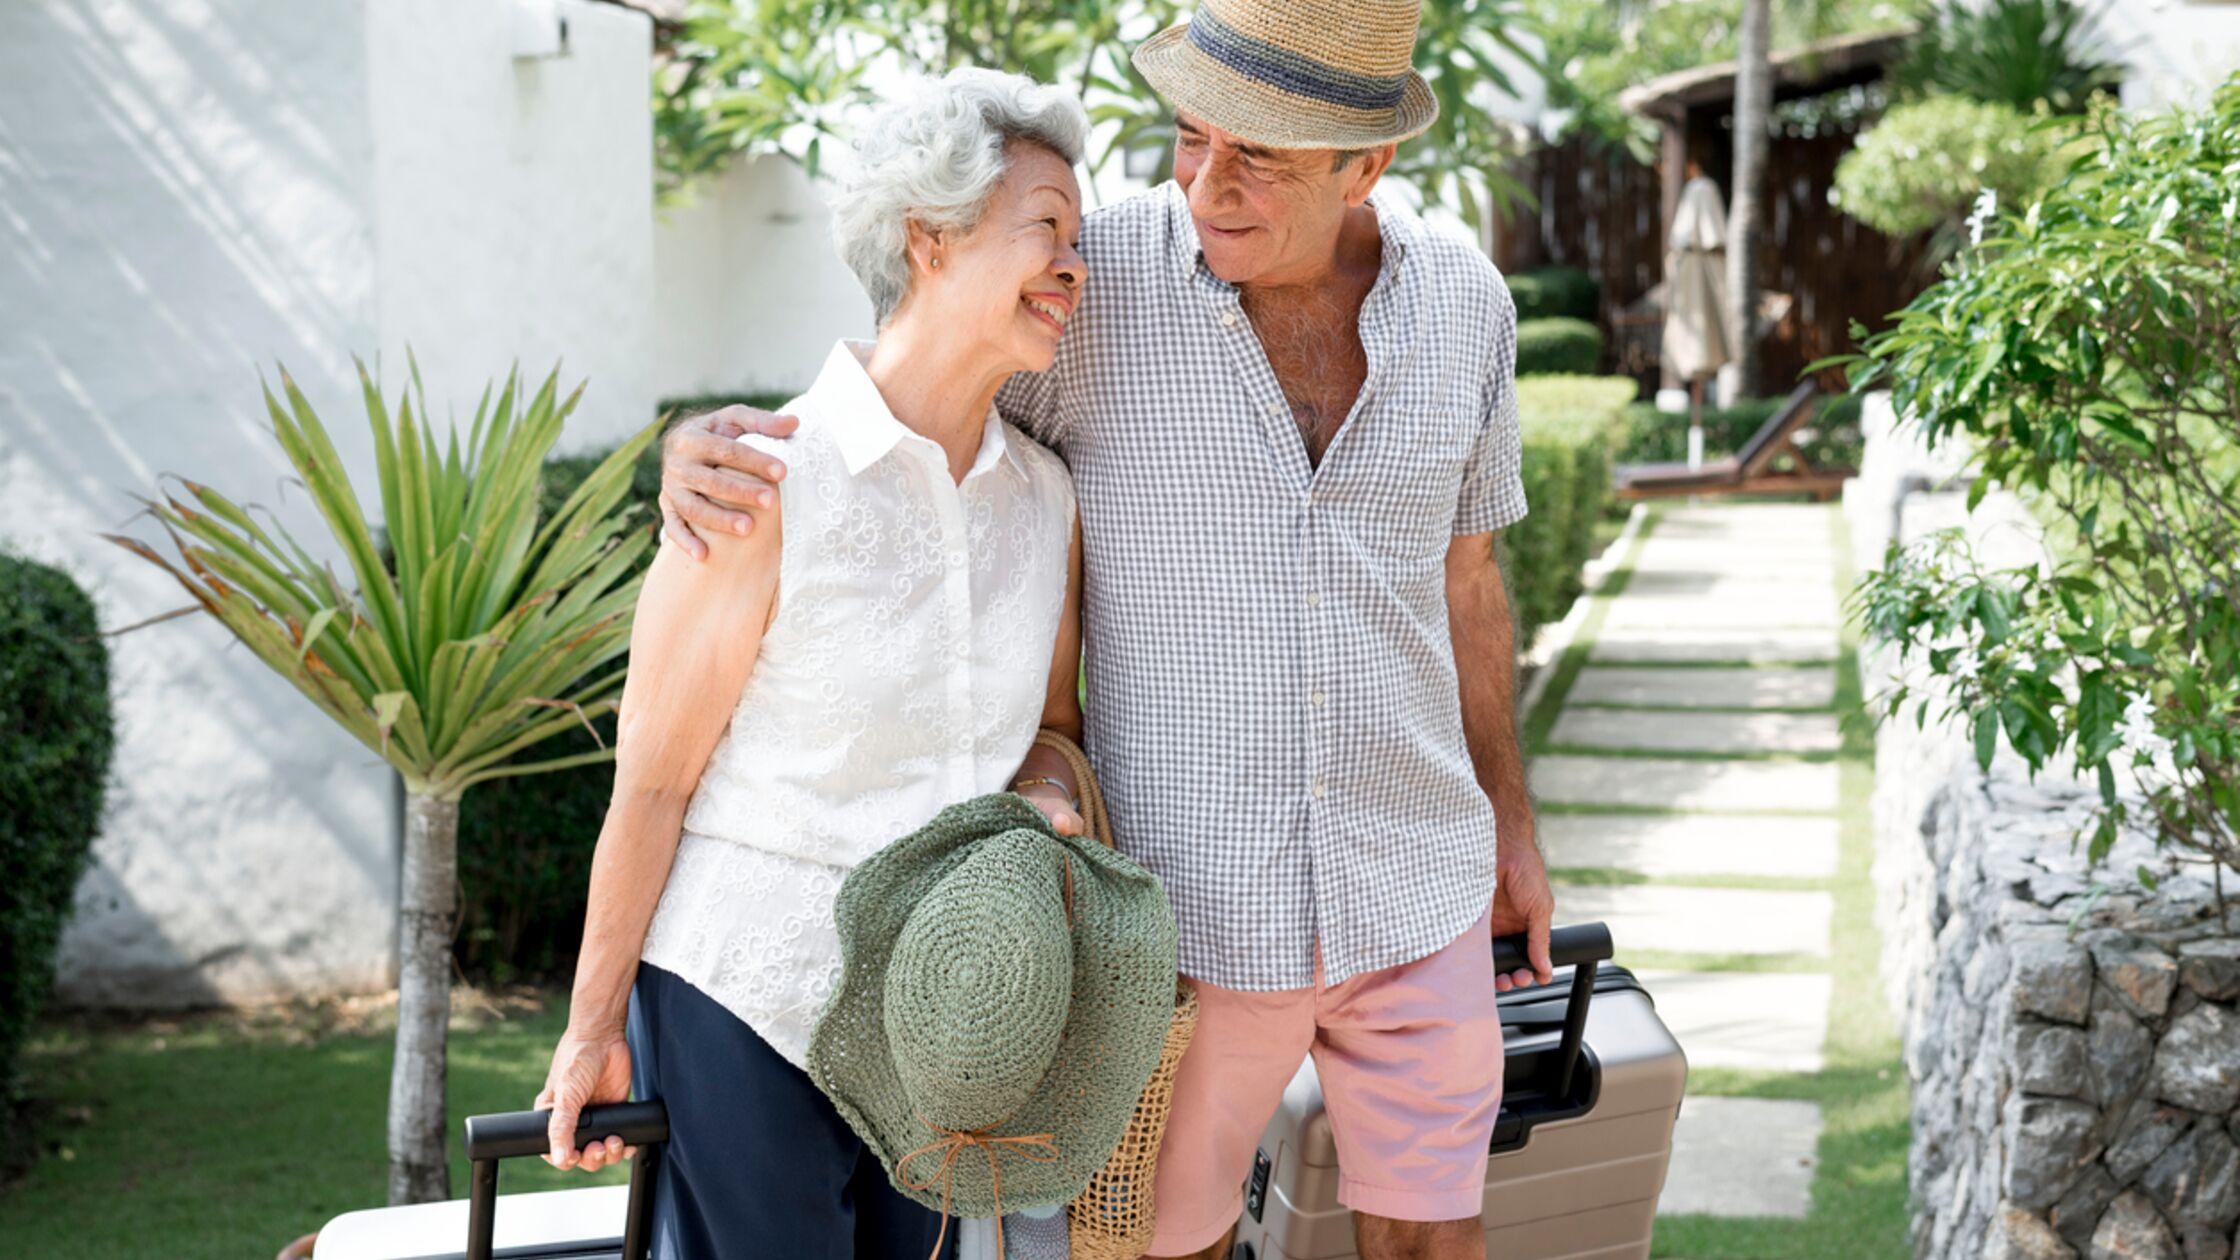 Auswandern als Rentner: Tipps für Senioren